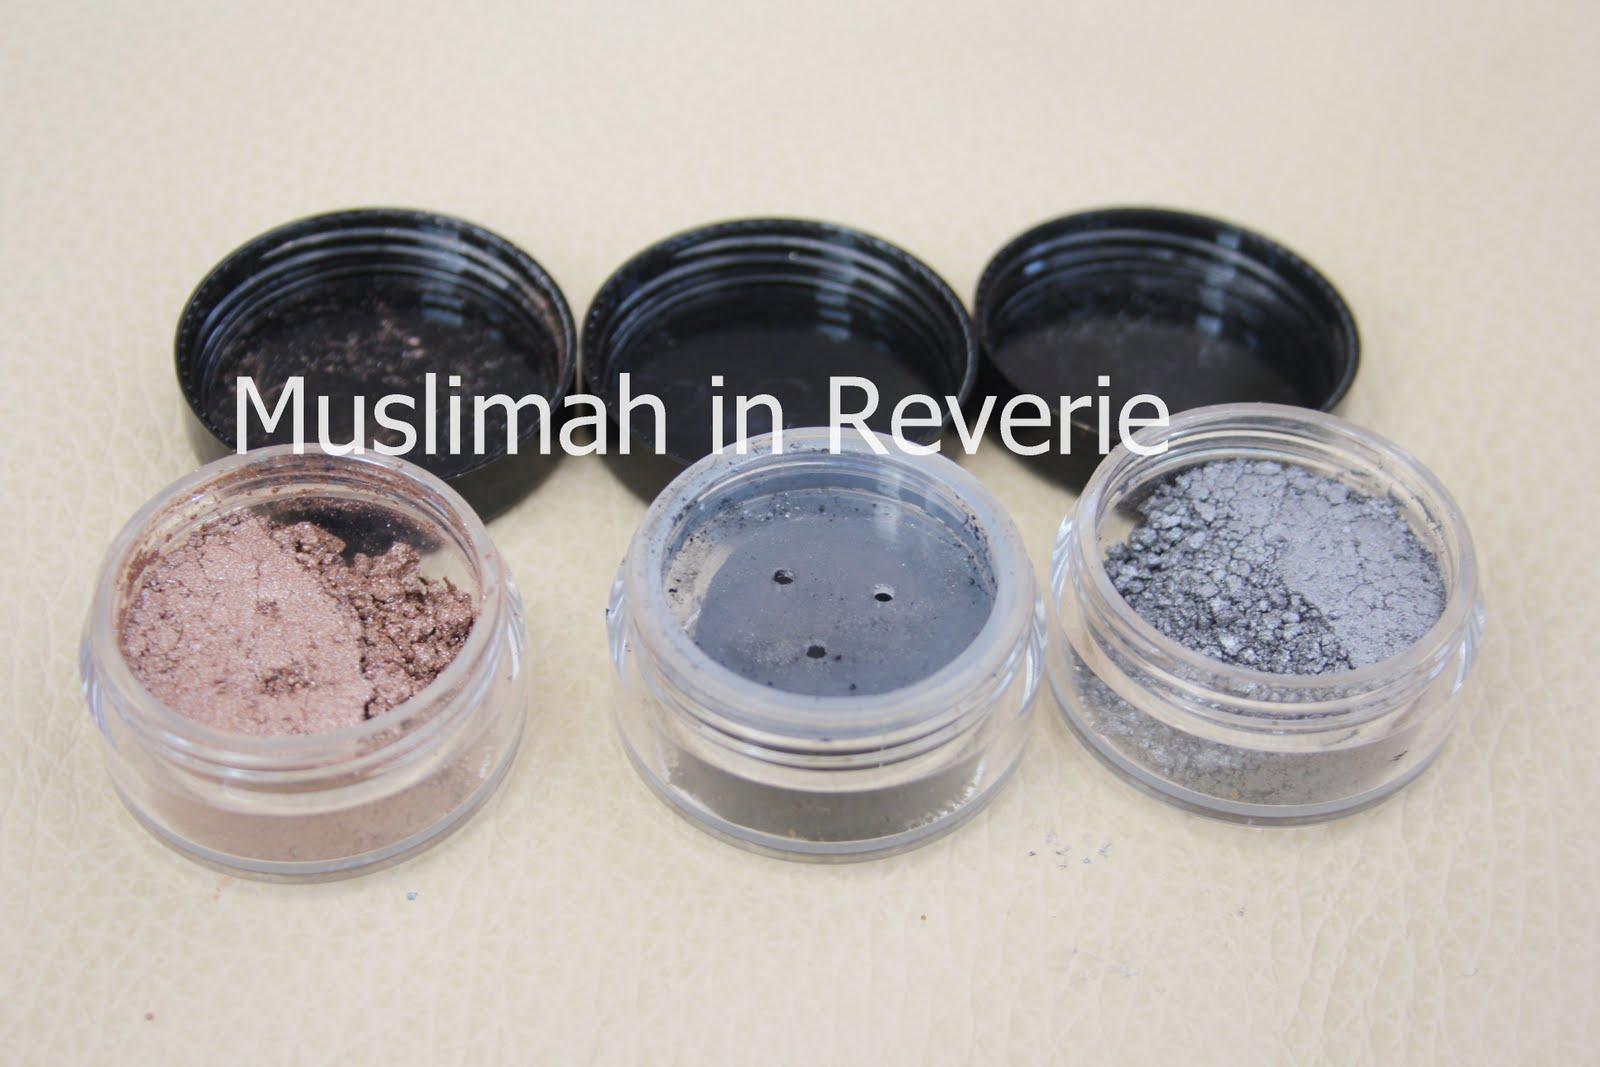 FX Cosmetics Halal Makeup Review